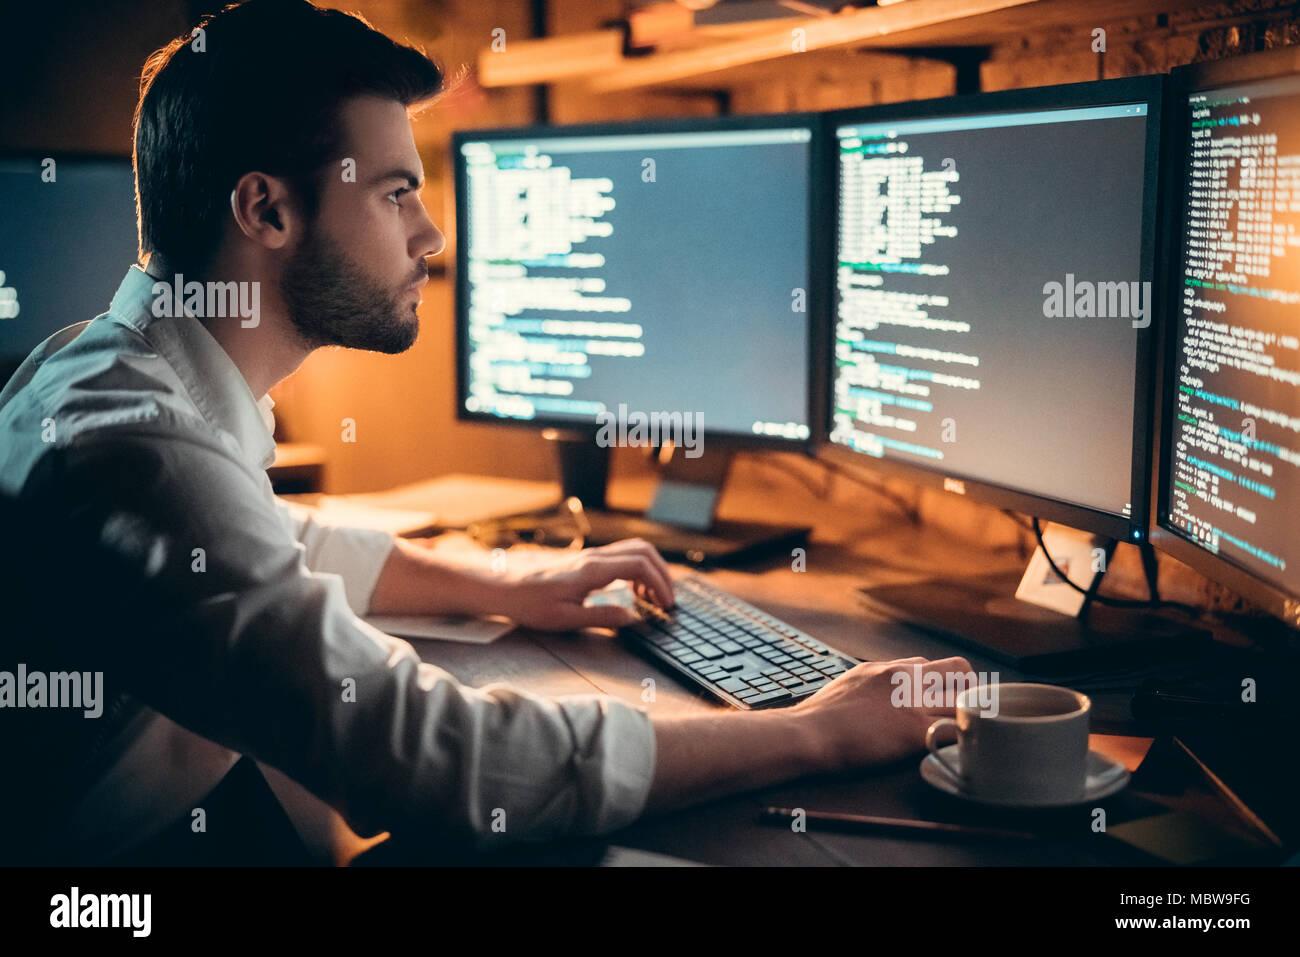 Schwerpunkt junge Entwickler coding spät im Büro schreiben Skript auf dem Computer Monitoren gezeigt, schwere stattlichen coder Programmer hacker Programmierung developi Stockfoto